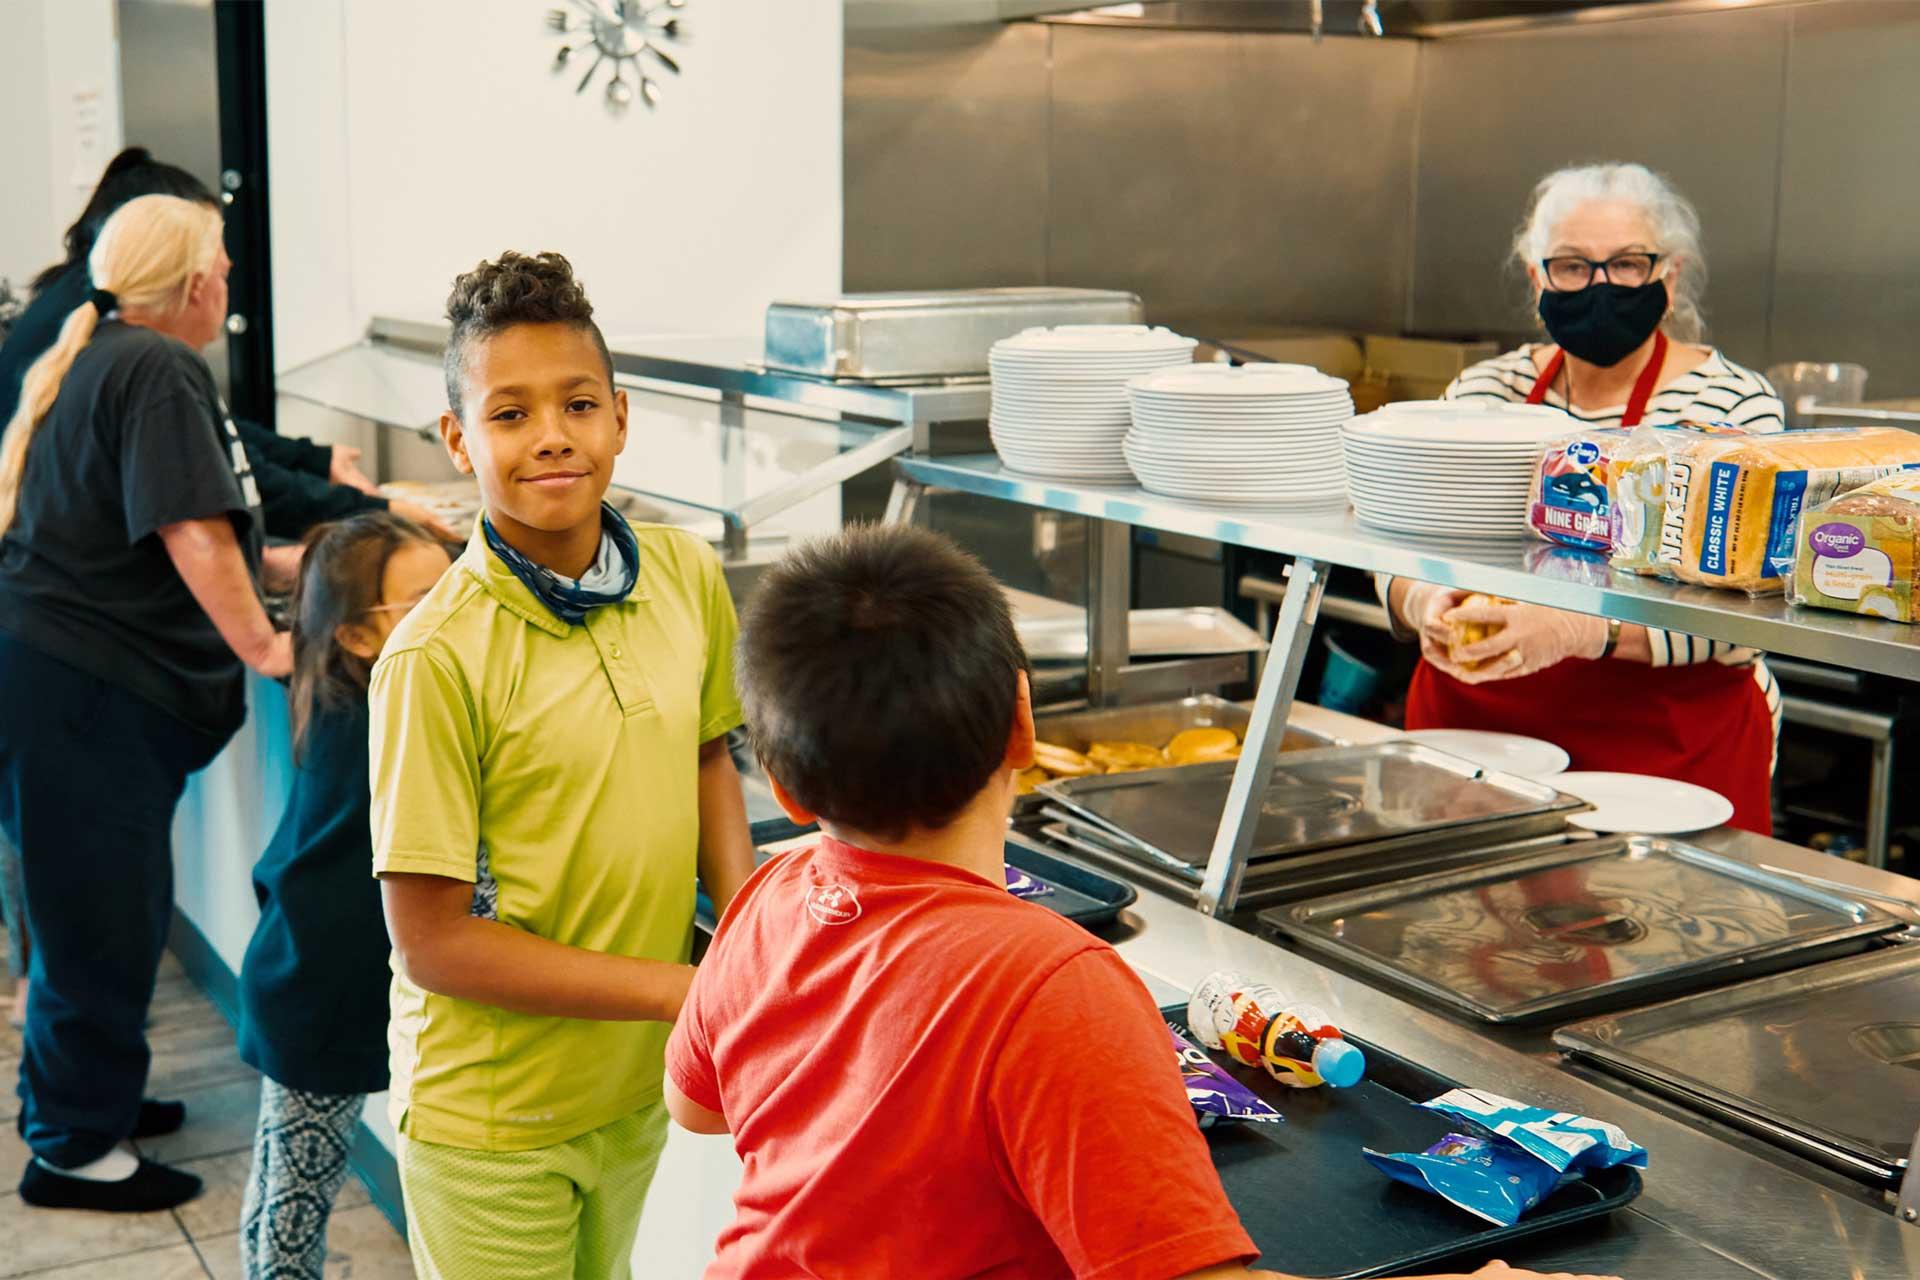 kids feeding homeless shelter